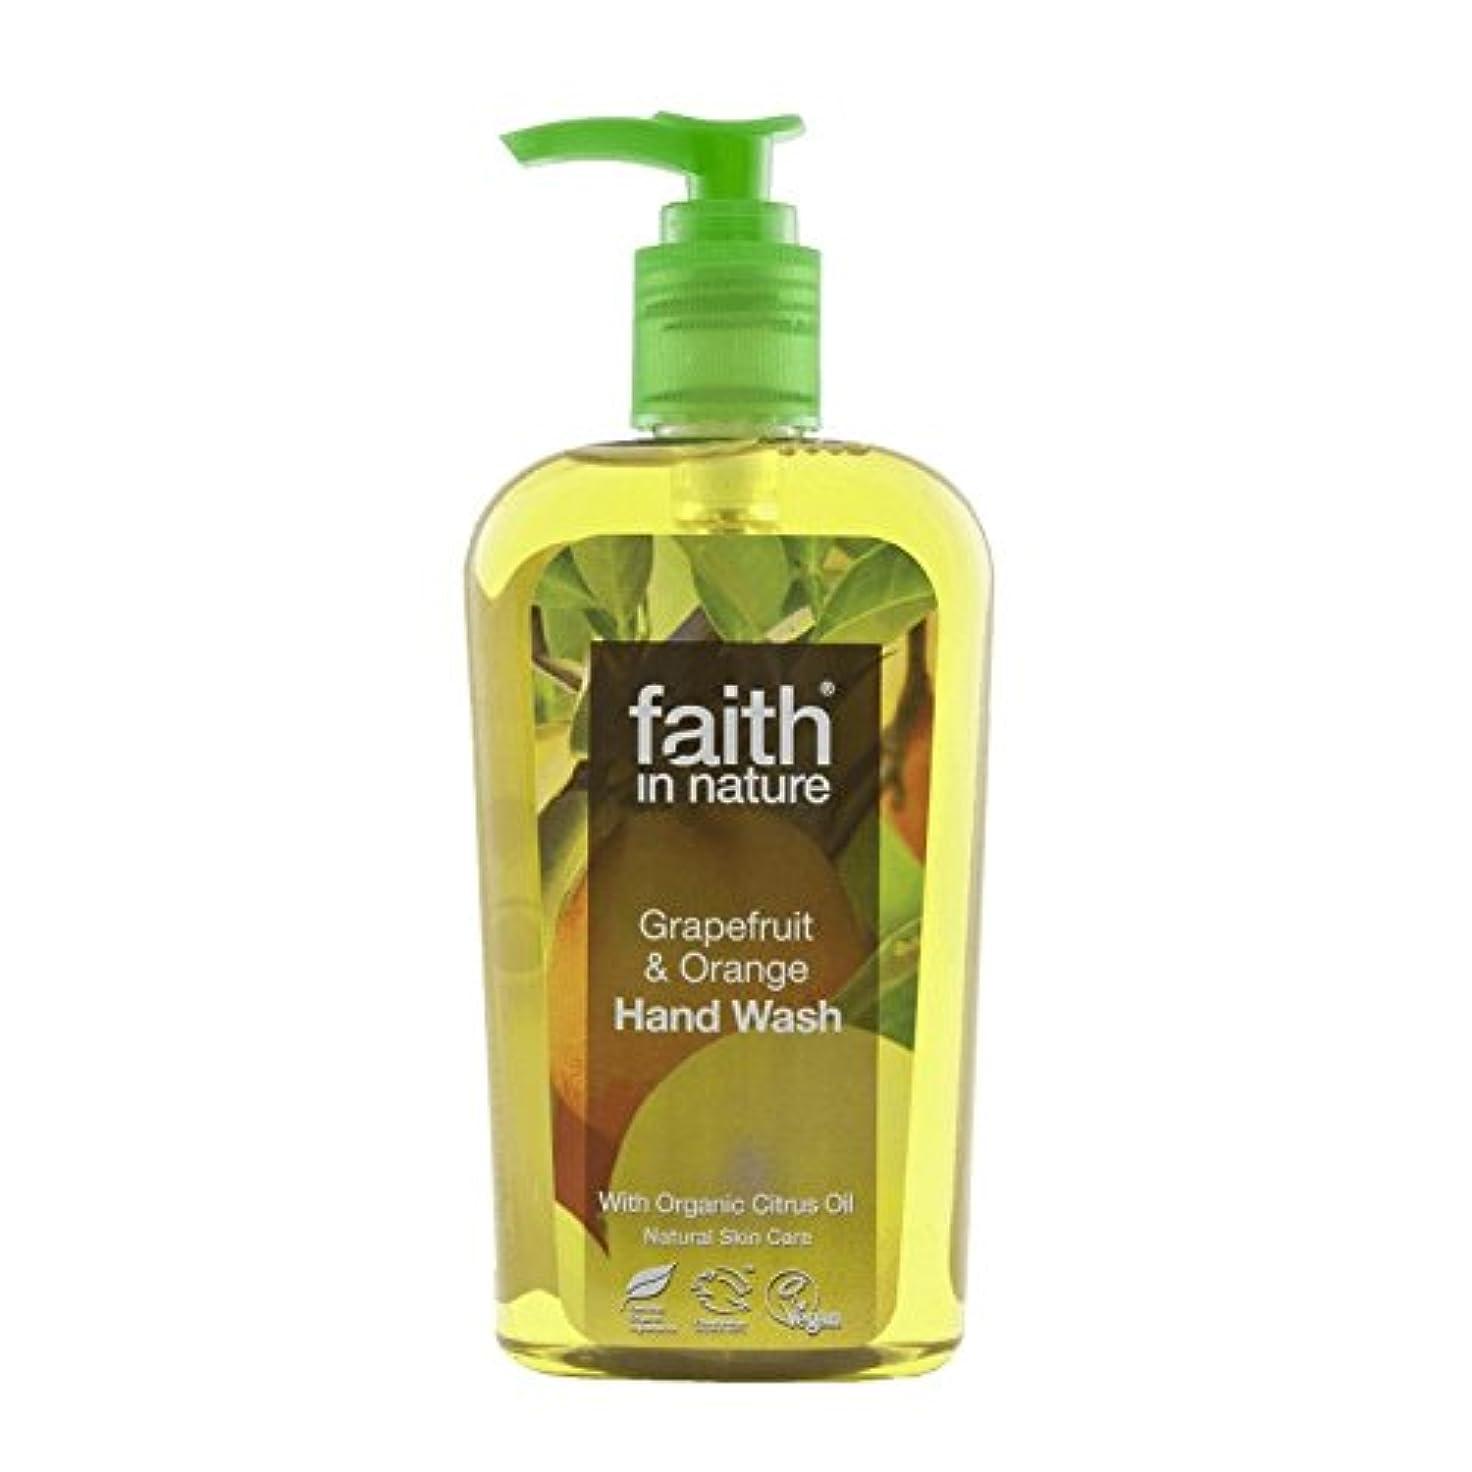 以上ギャラントリー割れ目Faith In Nature Grapefruit & Orange Handwash 300ml (Pack of 6) - 自然グレープフルーツ&オレンジ手洗いの300ミリリットルの信仰 (x6) [並行輸入品]